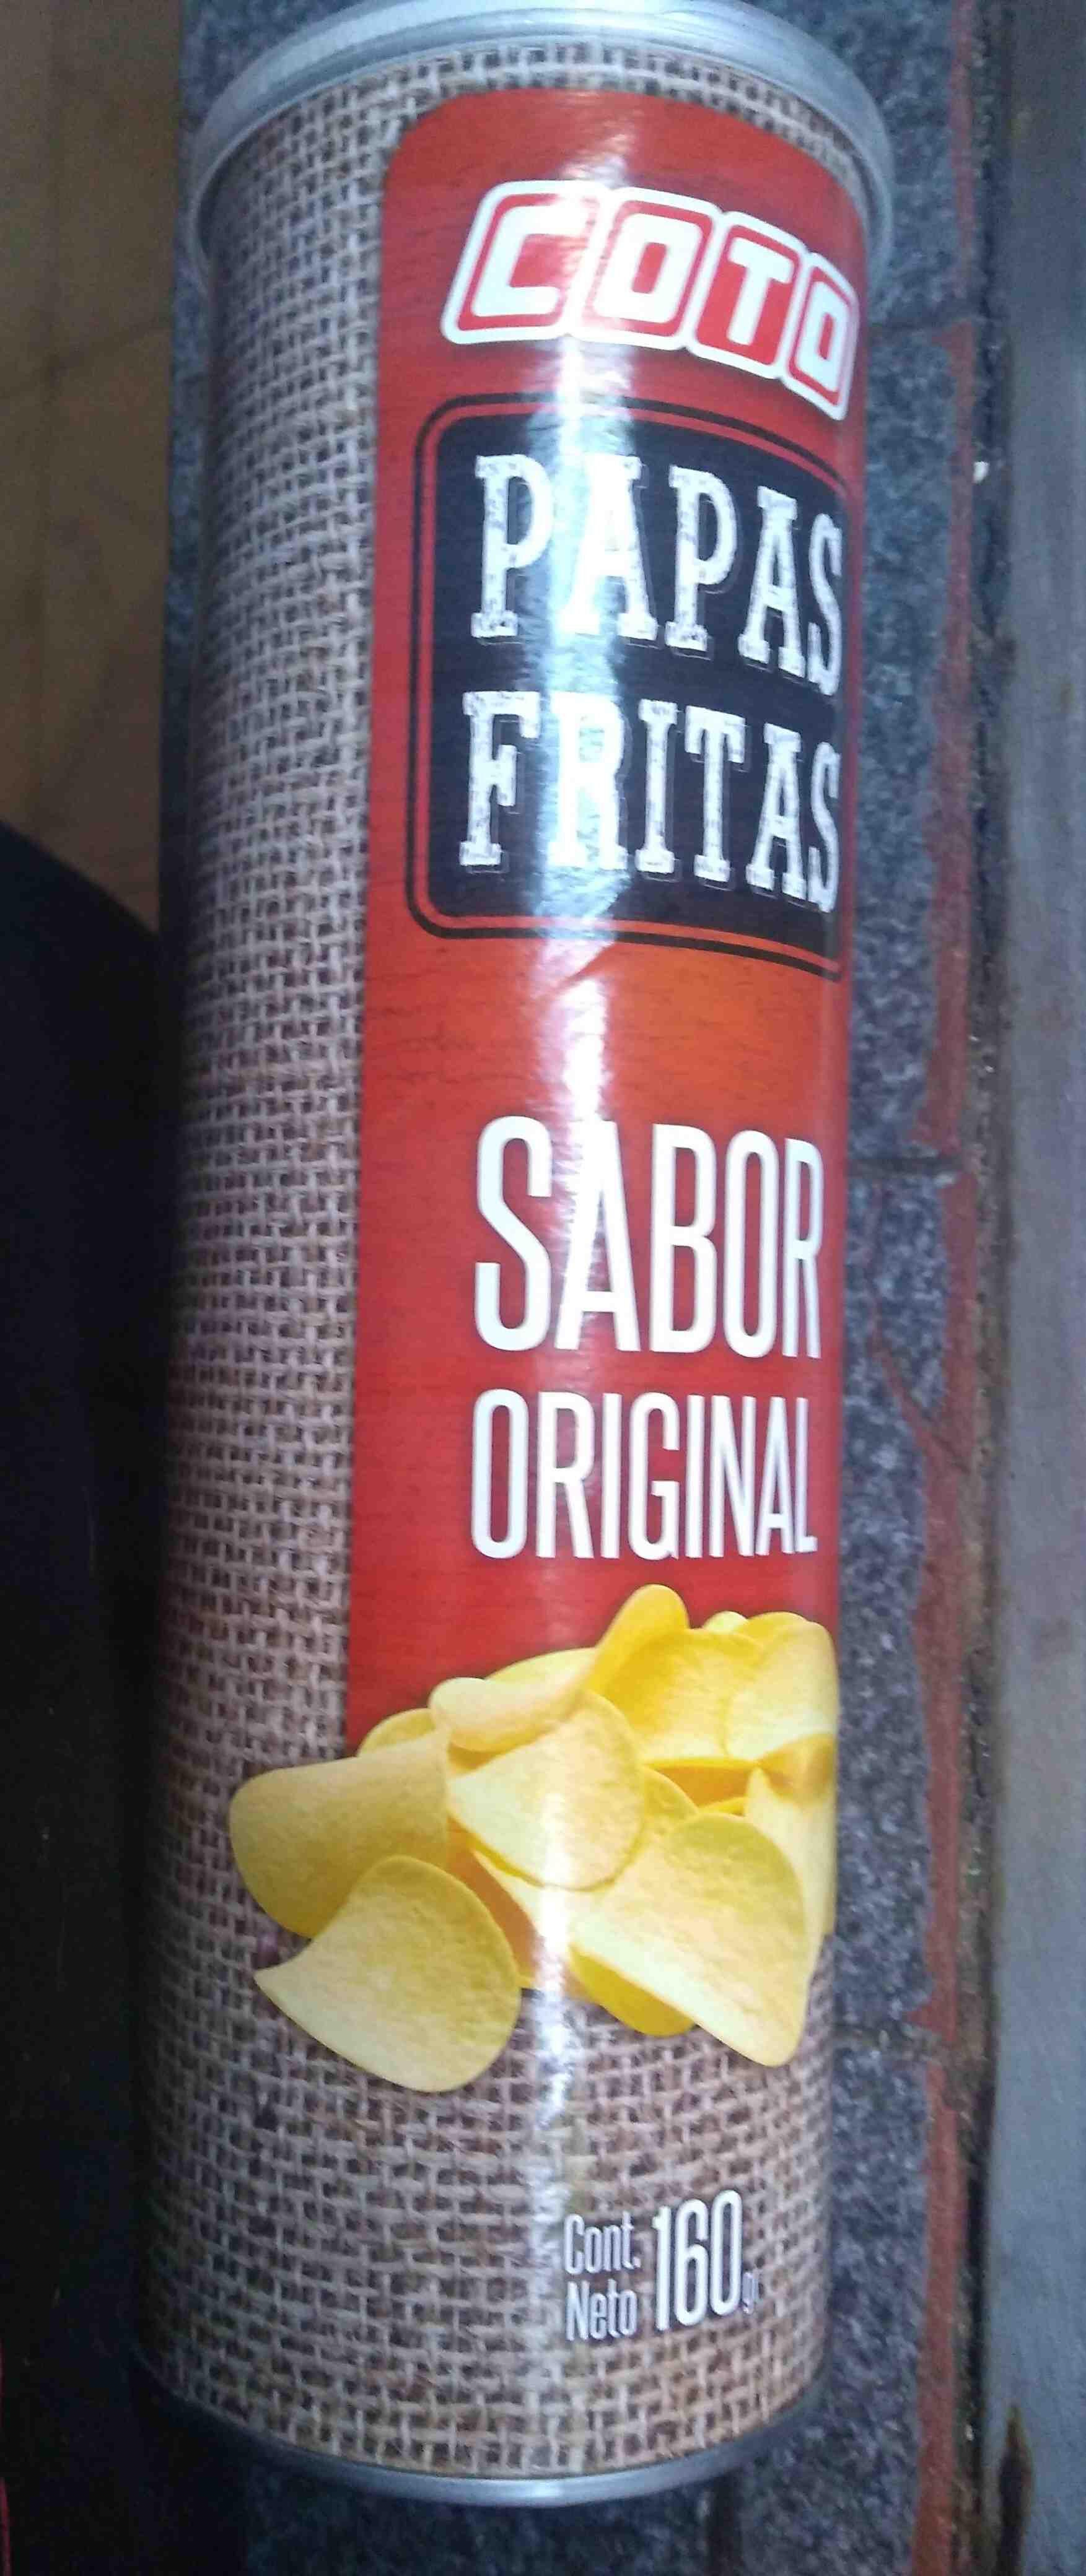 papas fritas de tubo, COTO - Producte - es